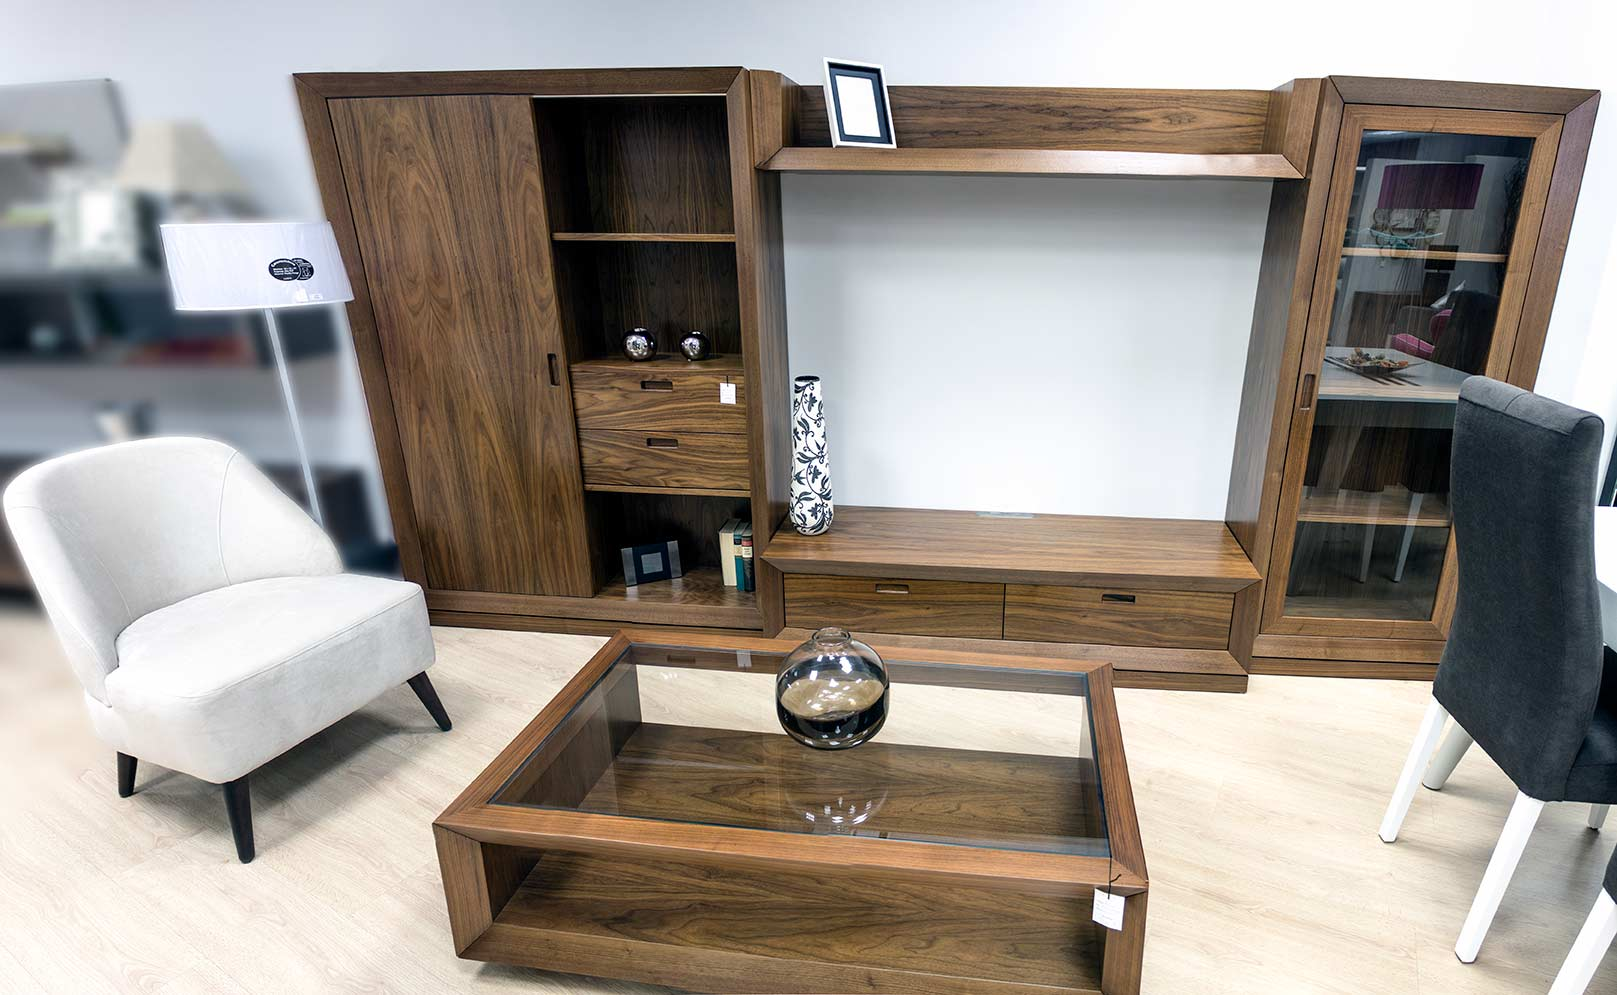 Salon en madera de nogal tienda de muebles en vitoria - Muebles en vitoria gasteiz ...